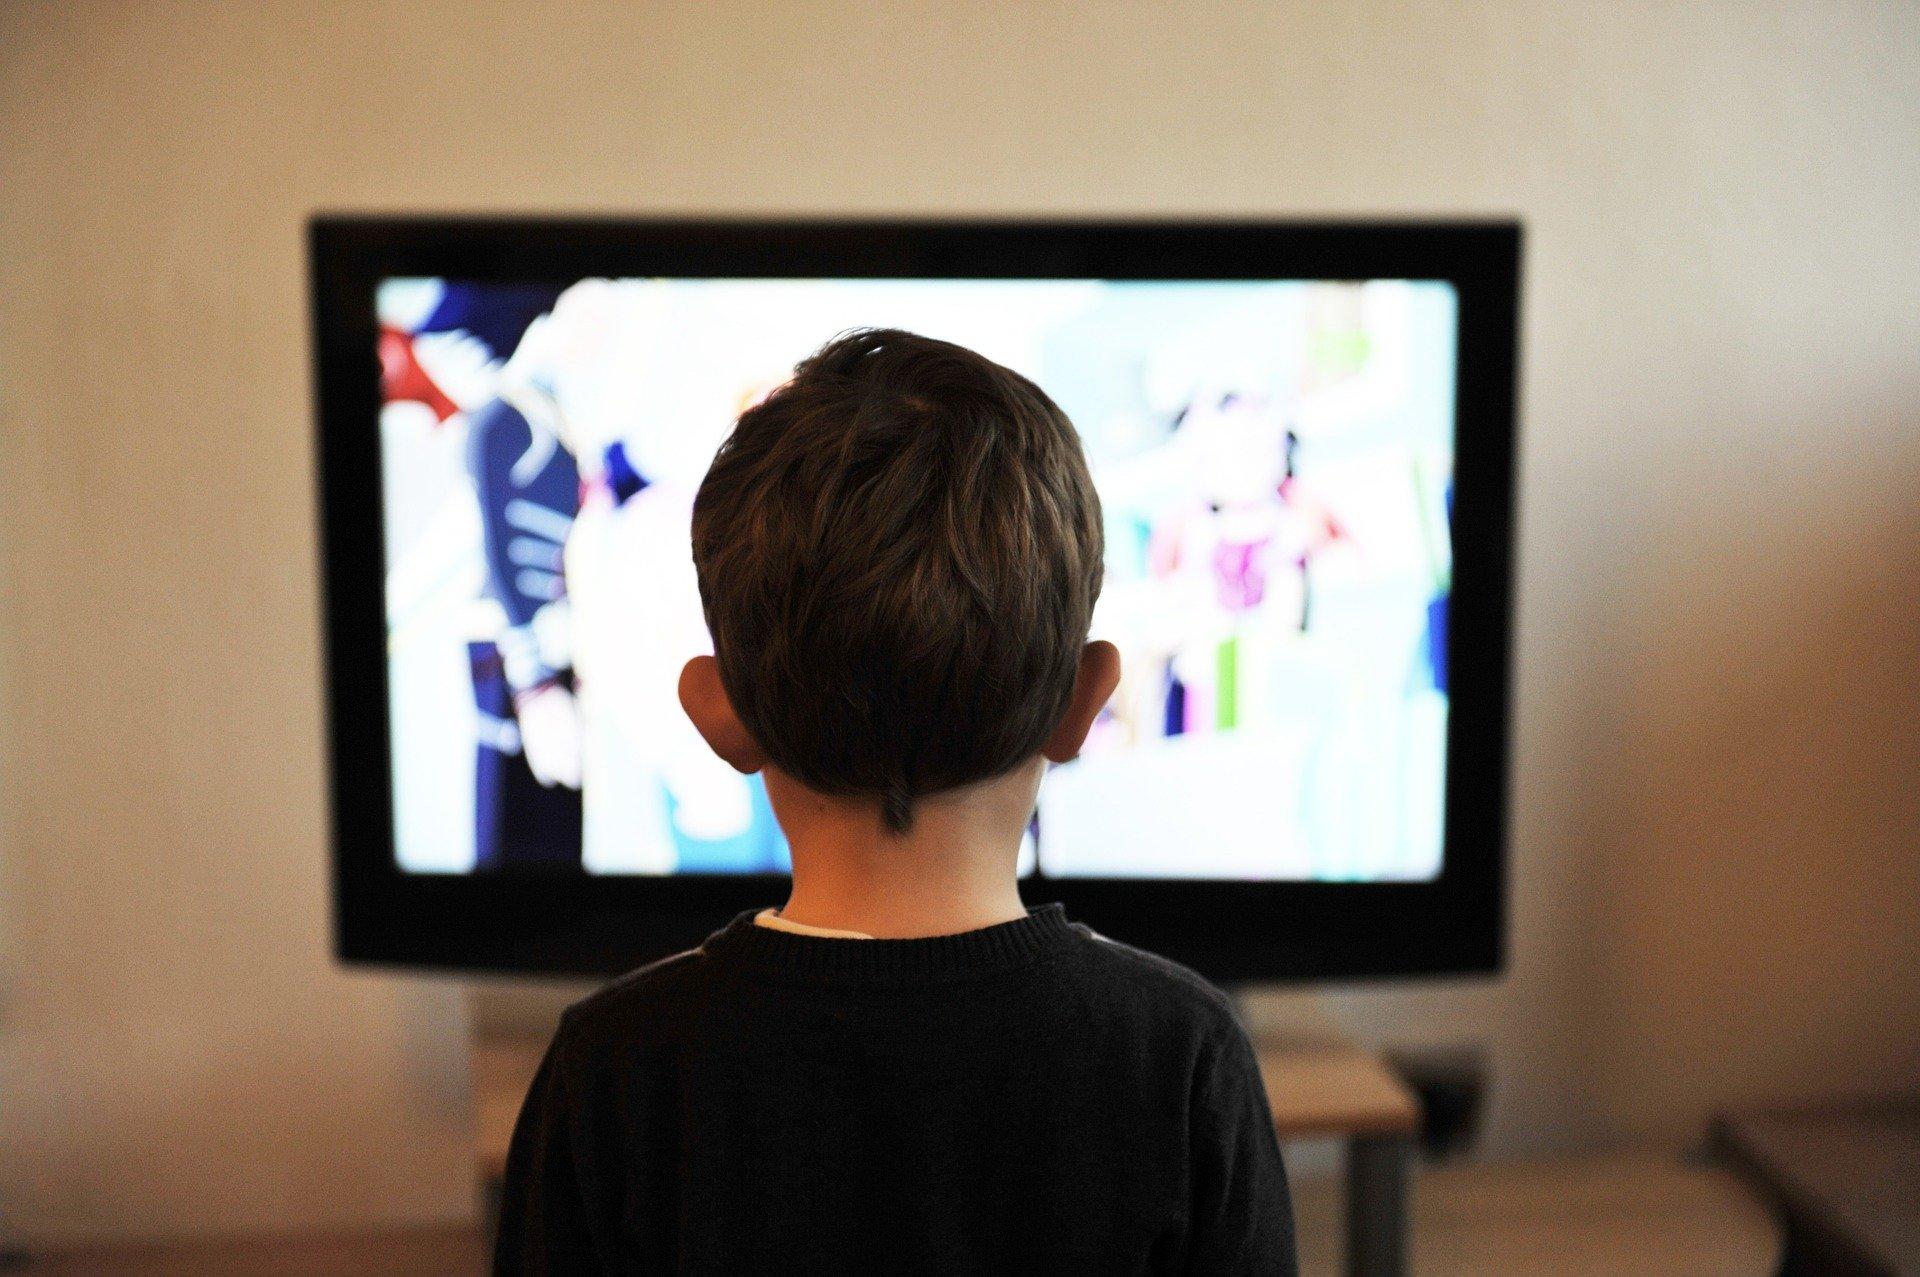 Undgå at spilde tiden med dårlig underholdning